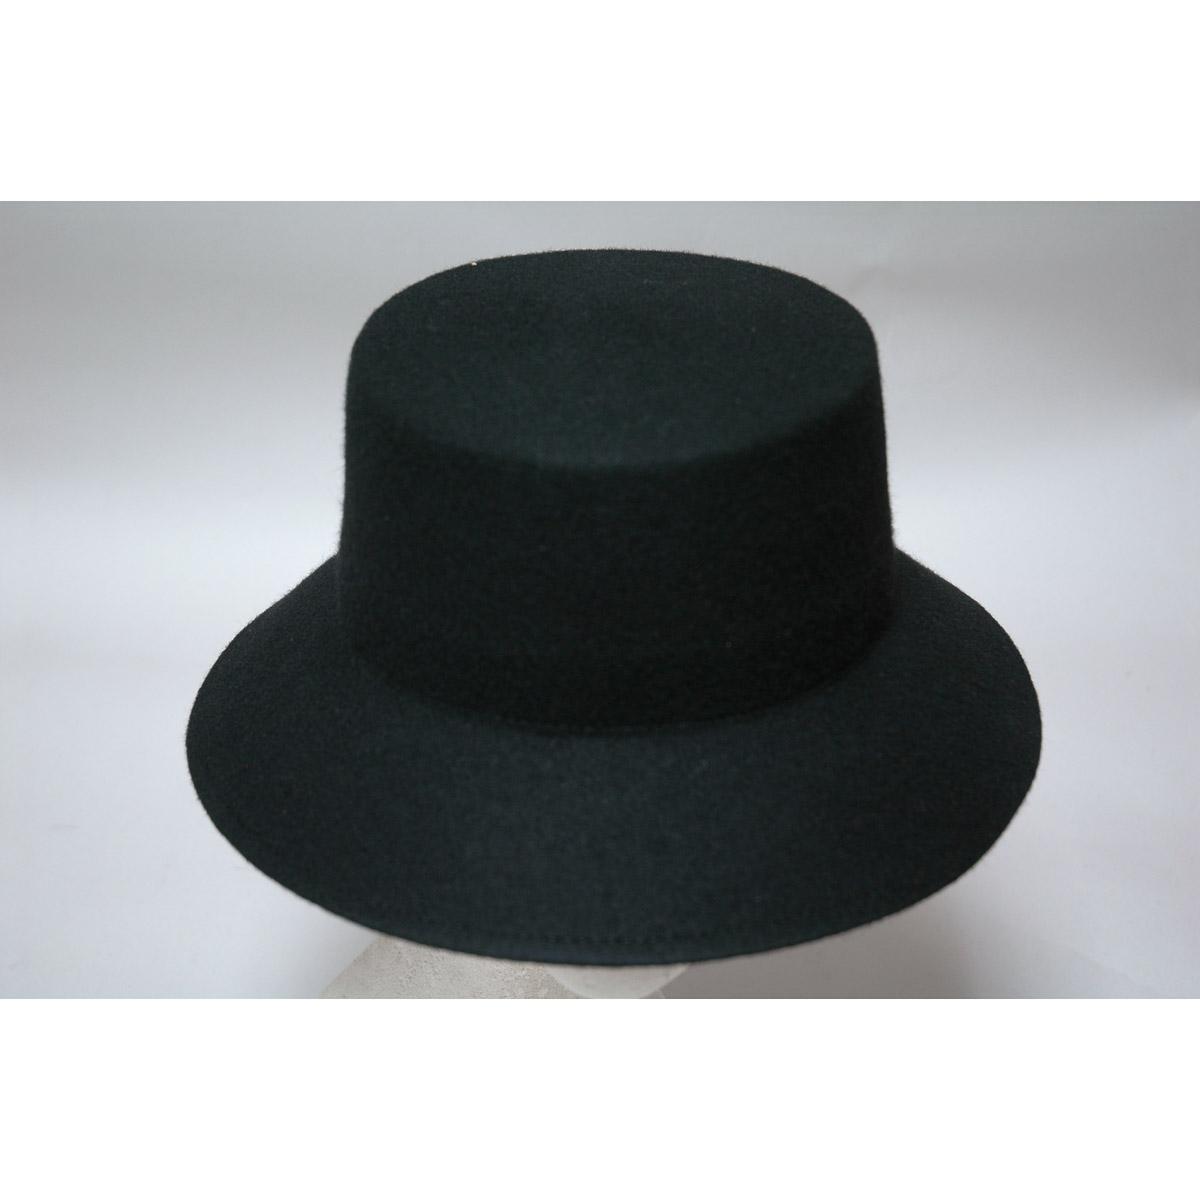 740598718eae3 Black down brim Flat top Felt Hat Body  by Zoria